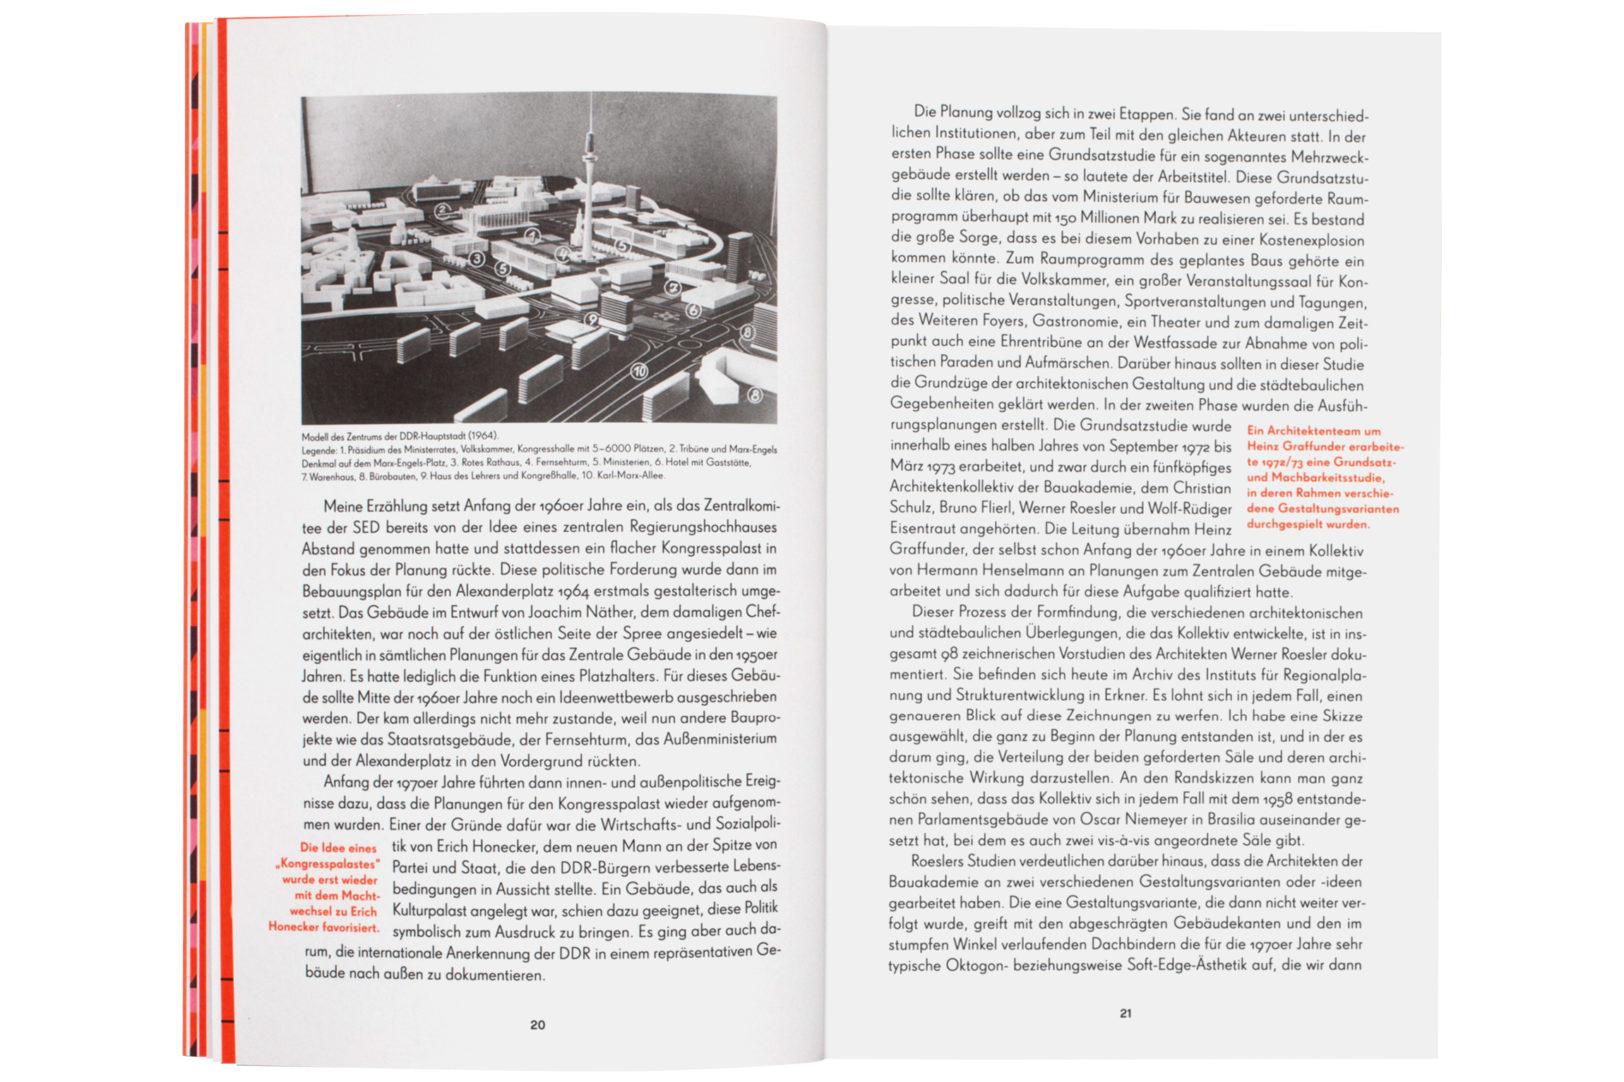 http://e-o-t.de/wordpress/wp-content/uploads/2017/04/eot-2016-PalastderRepublik-Book-8.jpg